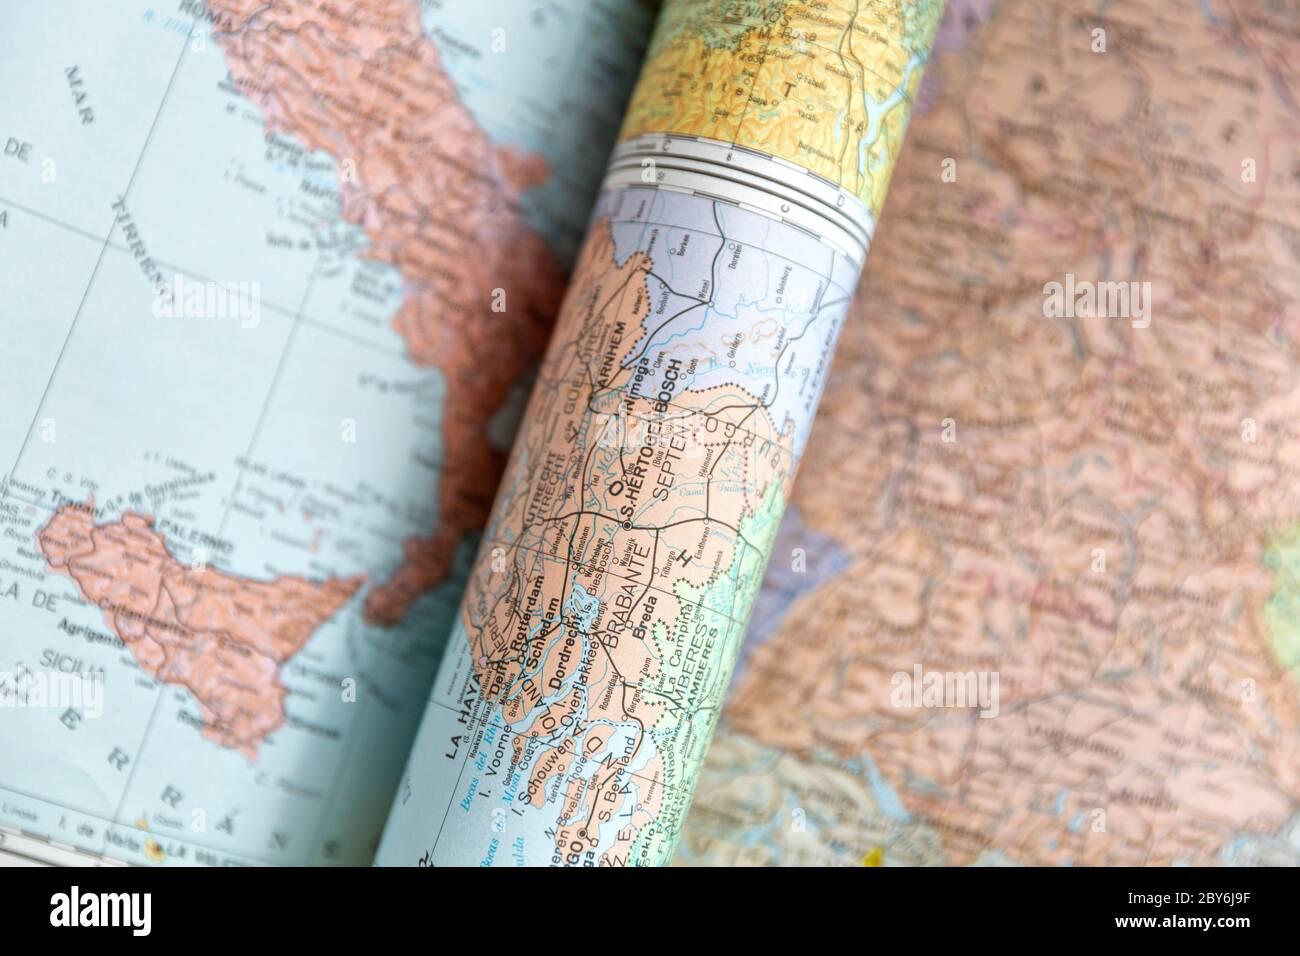 Detalle de varios mapas del mundo. Vista superior. Espacio para texto. Concepto de viajes, turismo y cartografía Foto de stock